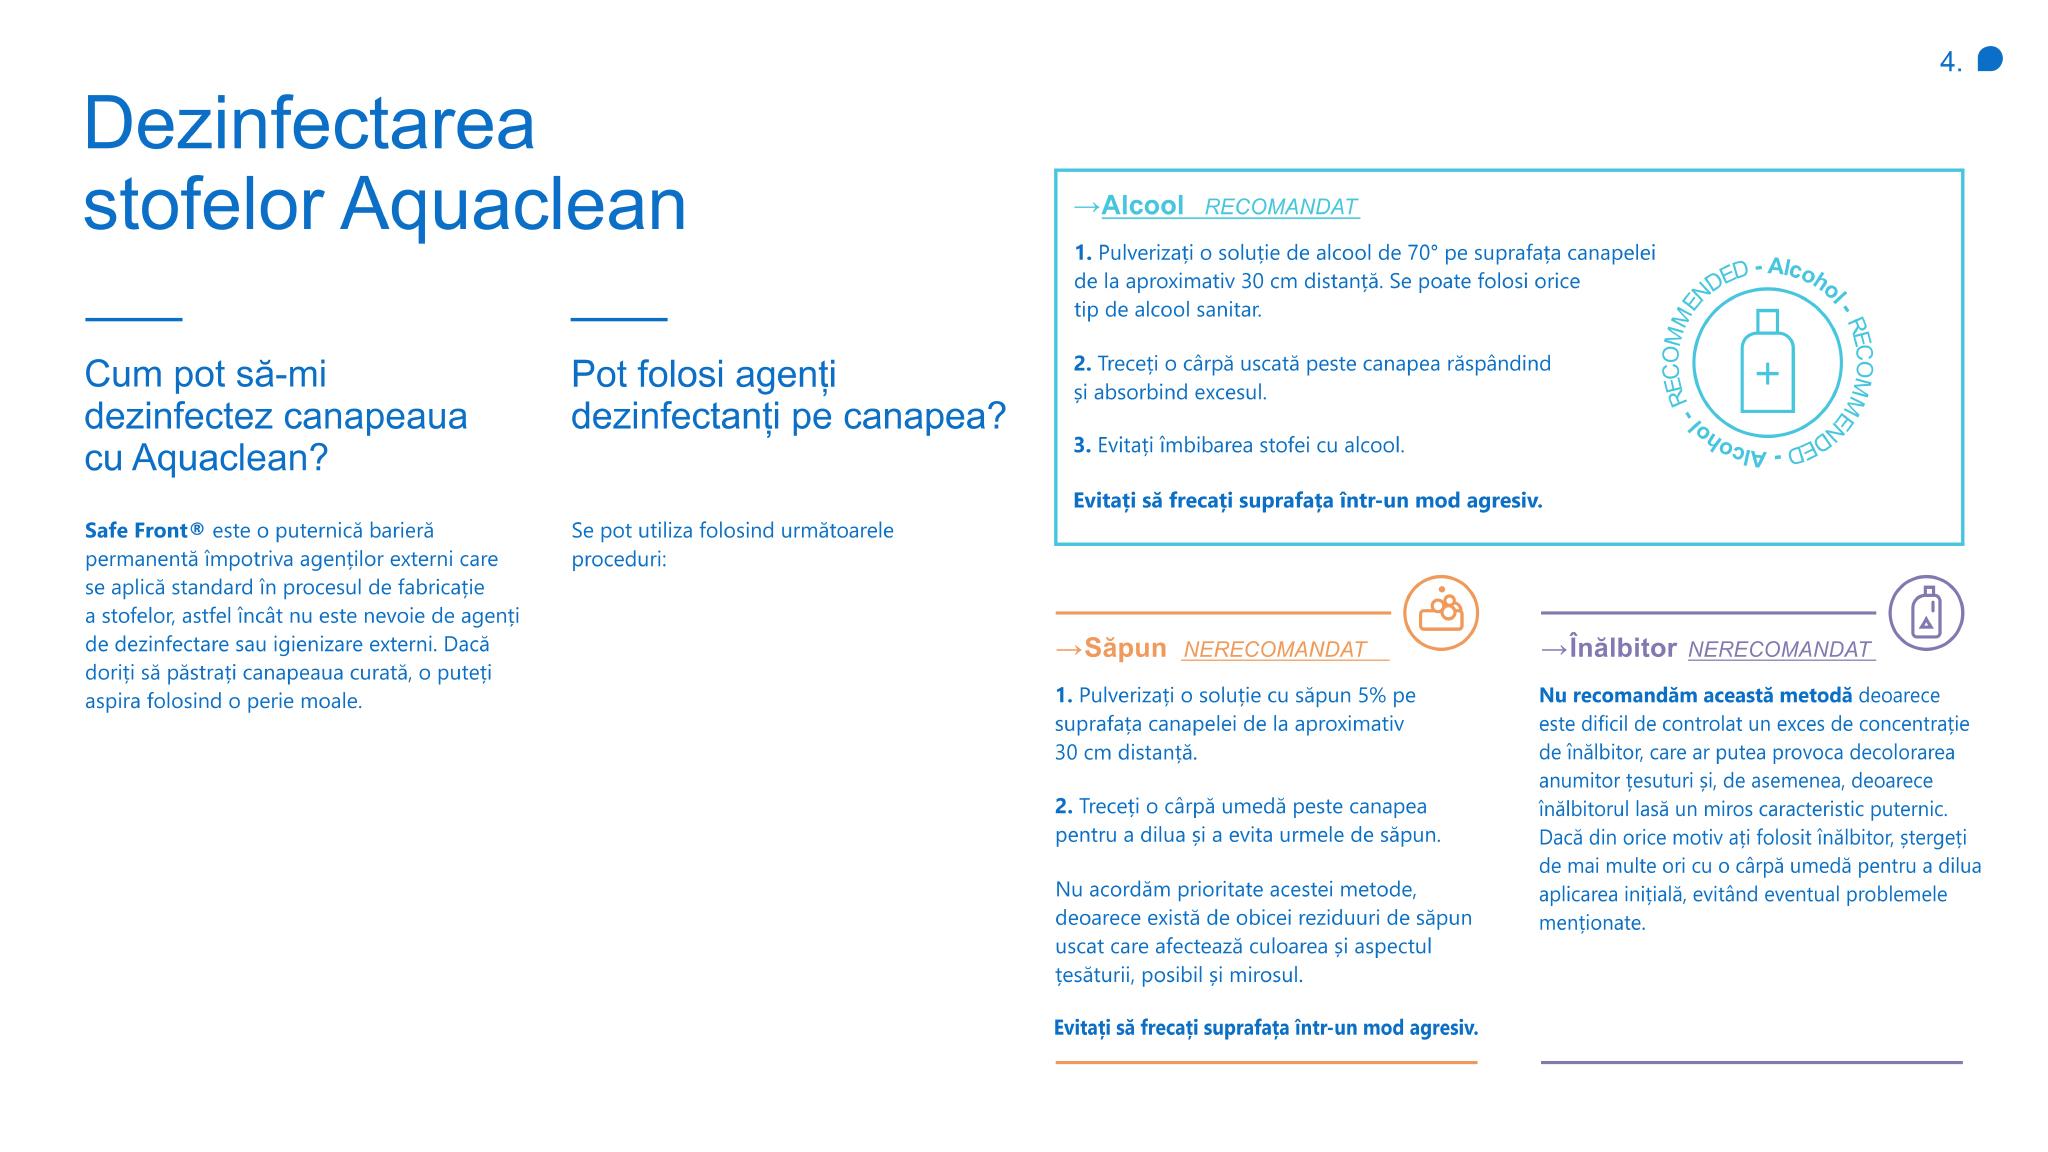 aquaclean-e-i-safe-fronta-02.jpg